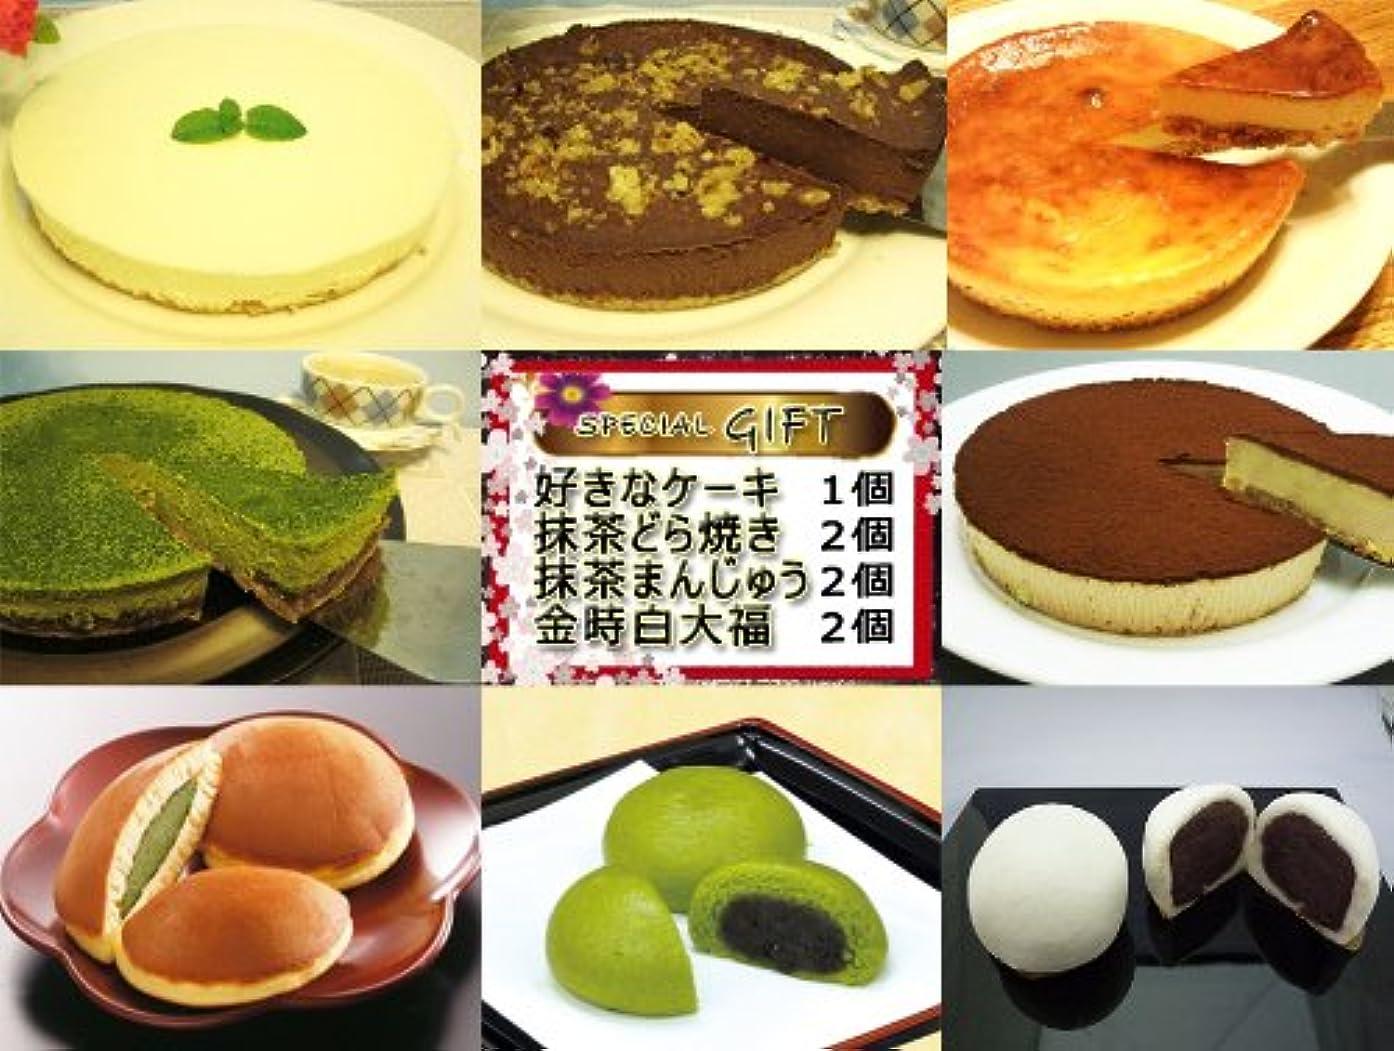 キャベツリットル野生選べる!チーズケーキと和菓子セット(ギフト 贈答 限定)